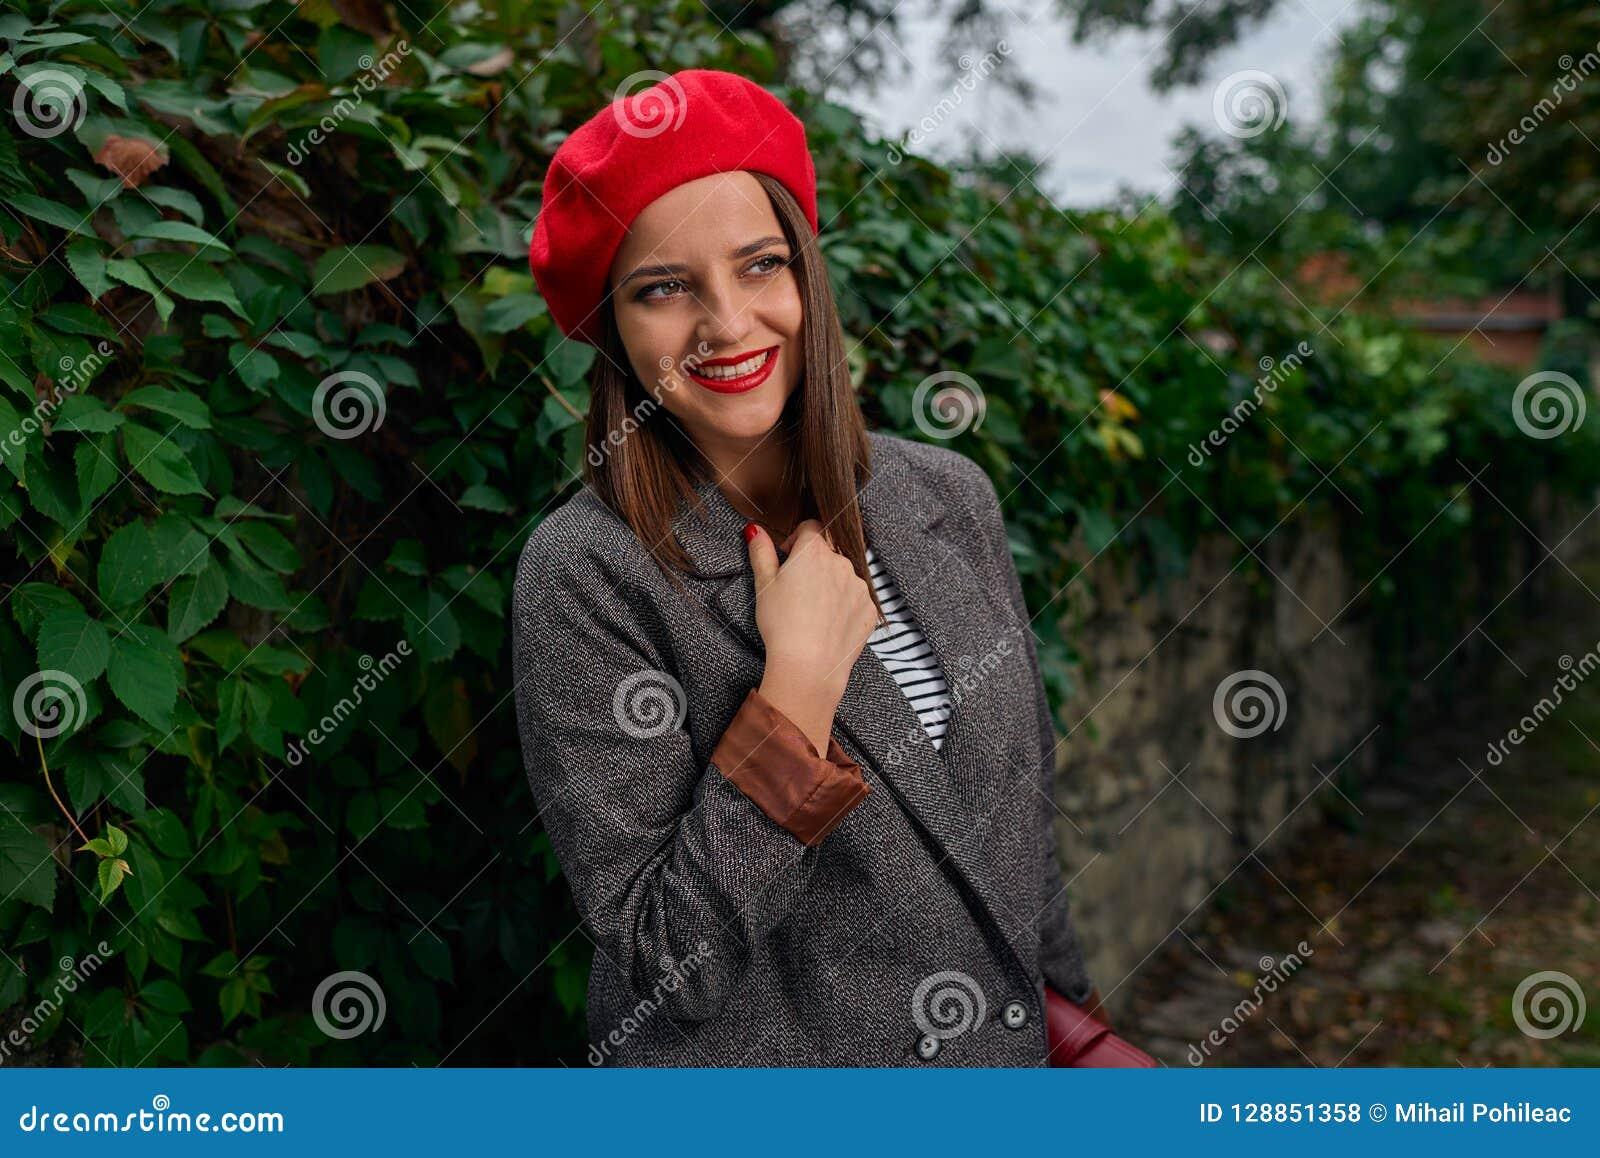 e1a5045b25c87 Retrato de uma jovem mulher entusiasmado com sorriso grande na boina  vermelha que olha longe da câmera perto de uma cerca de pedra coberta com a  vegetação